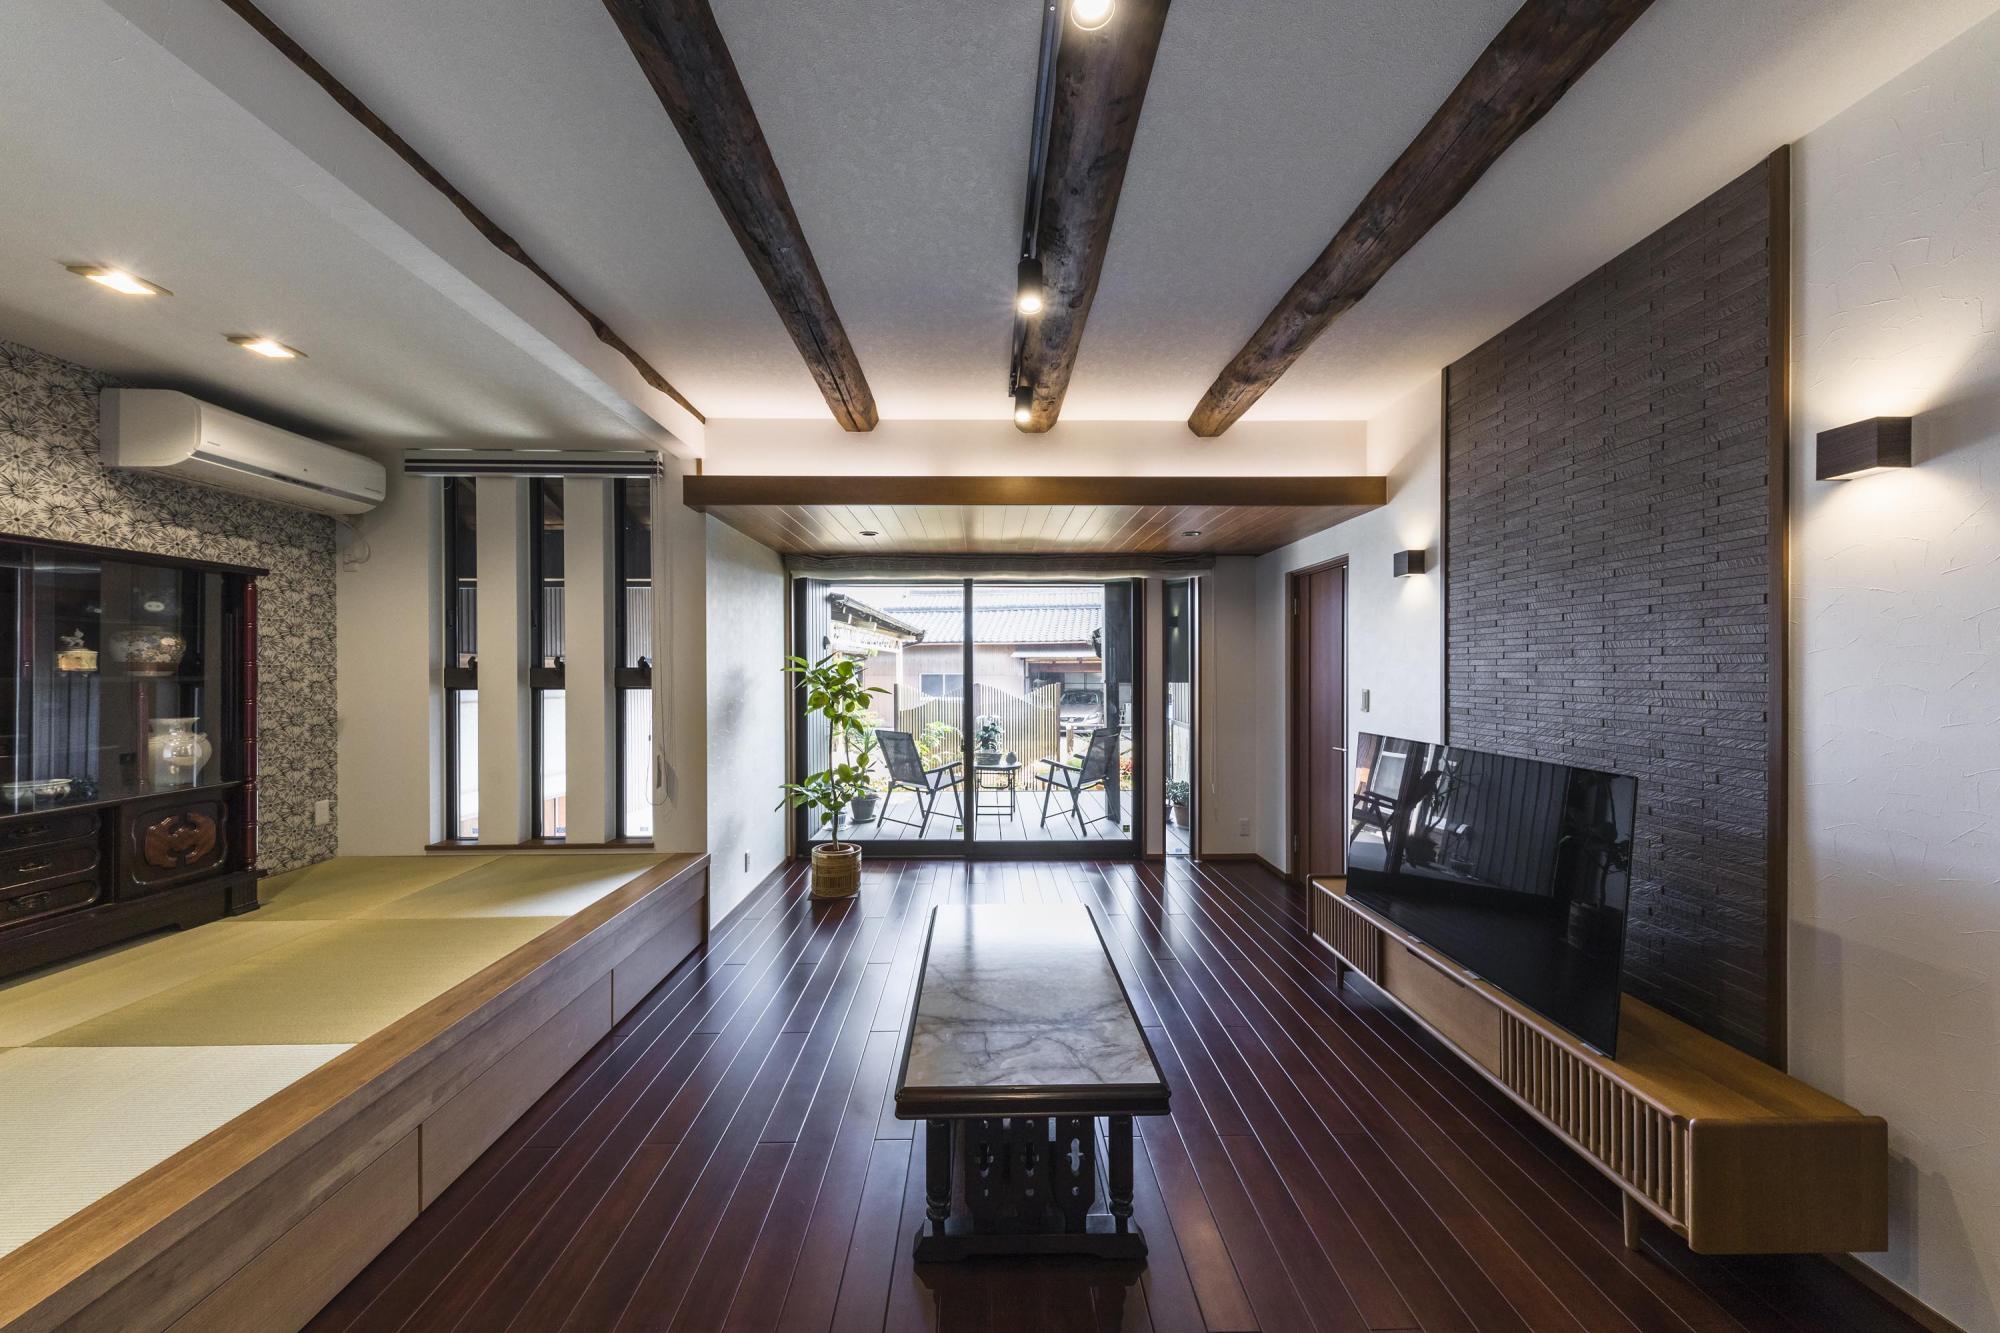 ゆったりくつろぐLDは、ウッドデッキの向こうに庭をのぞむ大空間。床に用いたマホガニーや、リビング天井を現しにした既存の丸太梁など、新旧の木の風合いが調和している。TVを見られる位置に小上がりの畳コーナーを設け、ごろりとリラックスできる場所に。畳下には使い勝手のよい大容量の引き出しが。「リフォーム後は